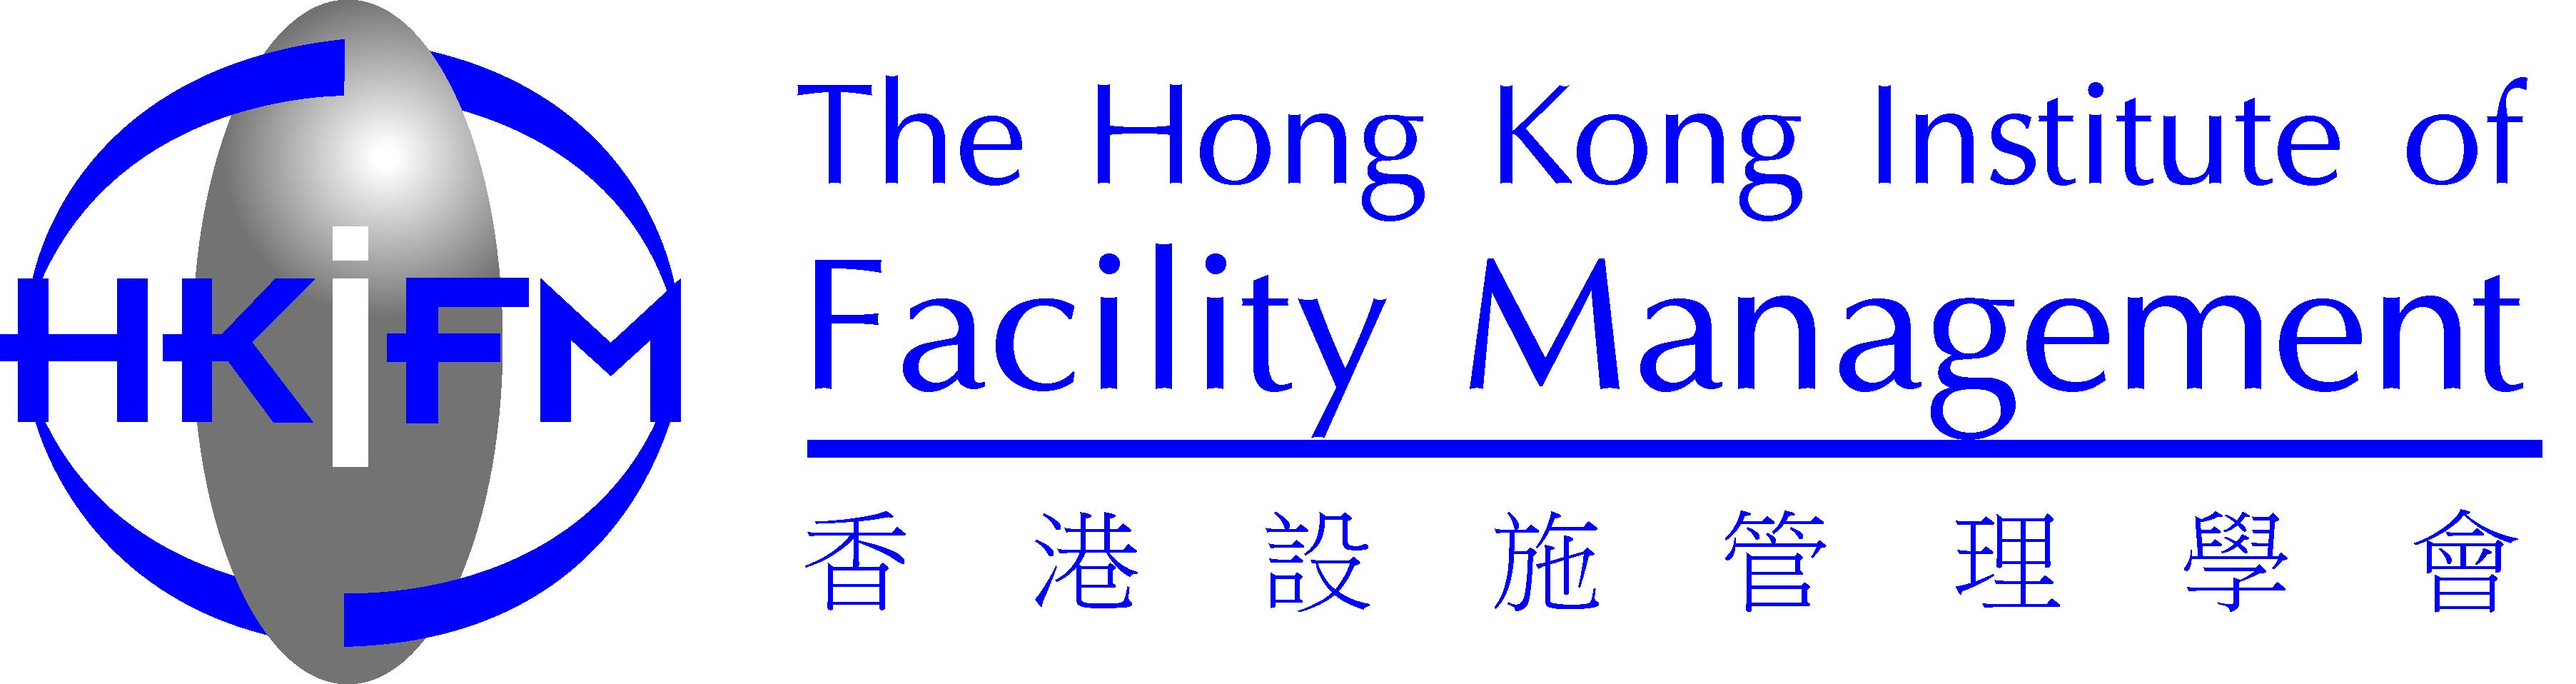 HKIFM_2015